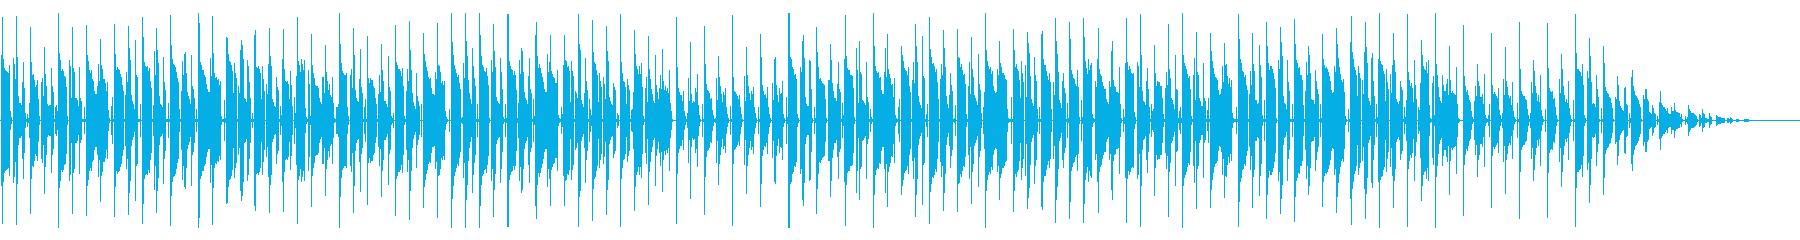 梅雨に 童謡「かたつむり」脱力系アレンジの再生済みの波形